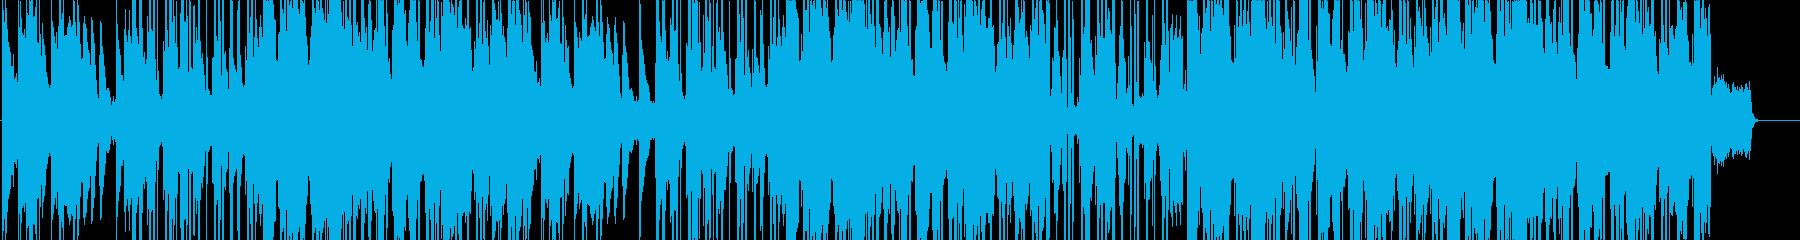 カフェに合うLO-FI HIPHOPの再生済みの波形